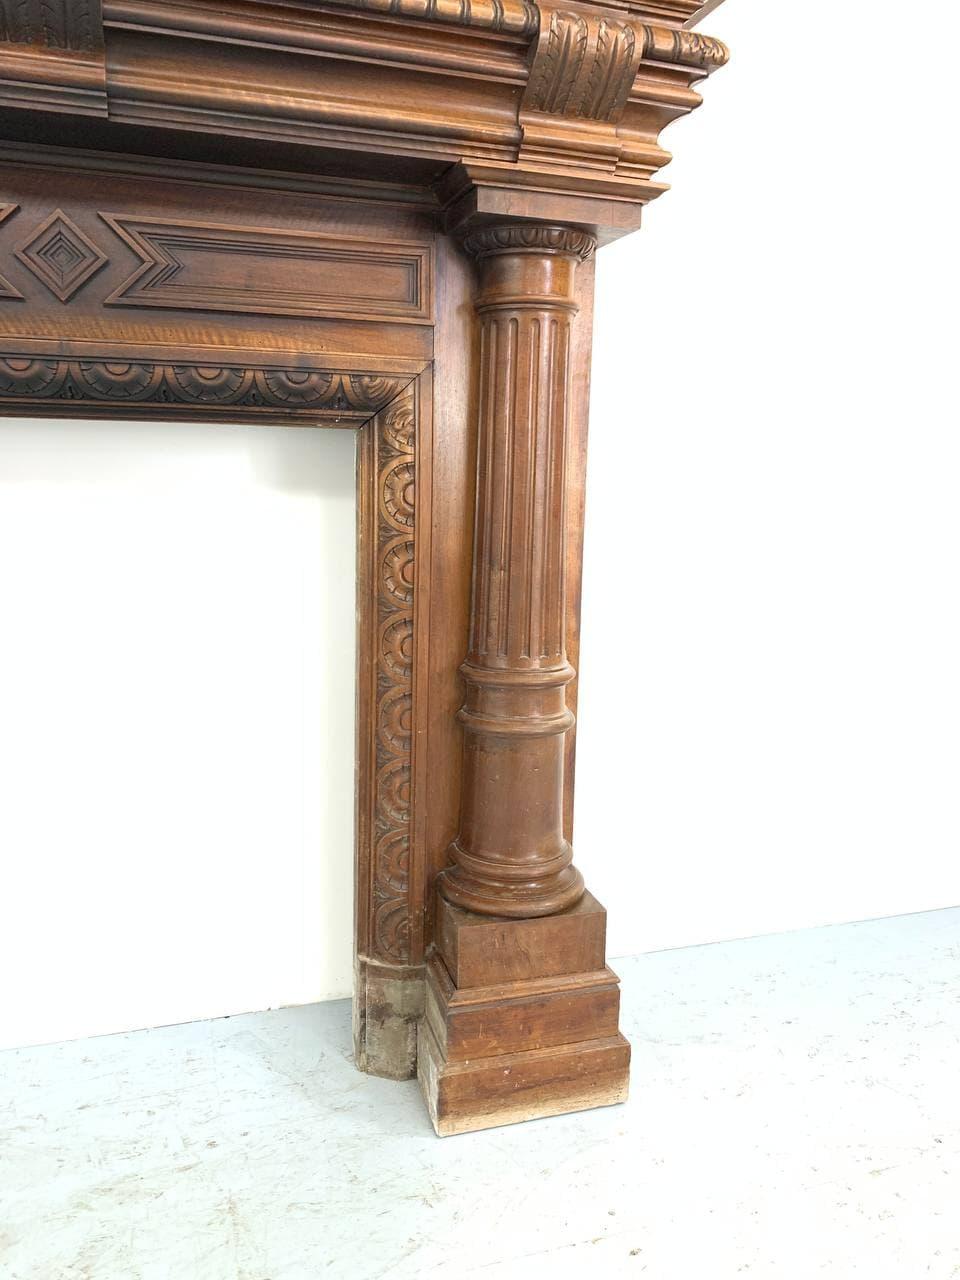 Антикварный ореховый камин в Неоклассическом стиле